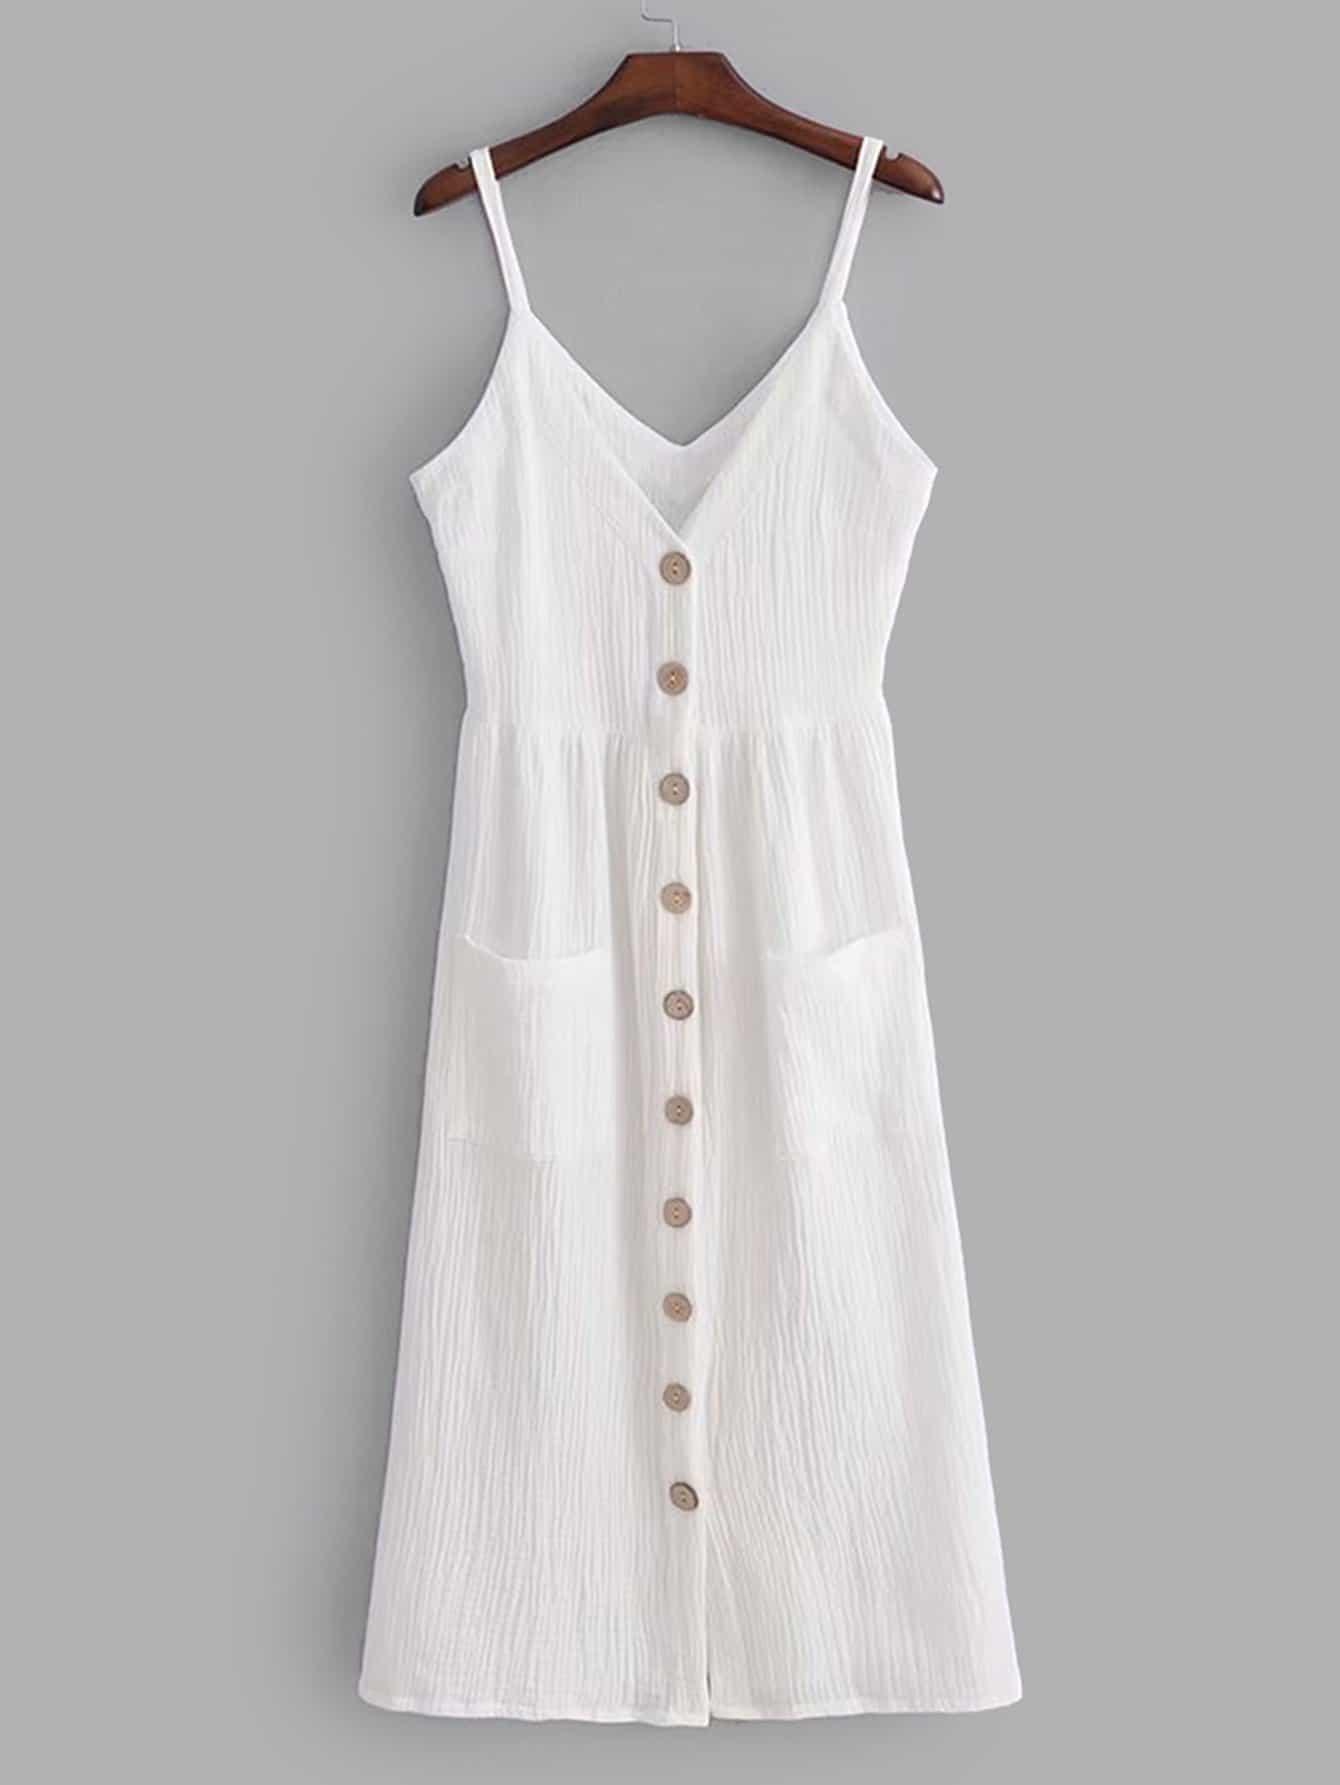 Купить Платье на бретелях с украшением пуговицы перед одежды и двух кармана, null, SheIn